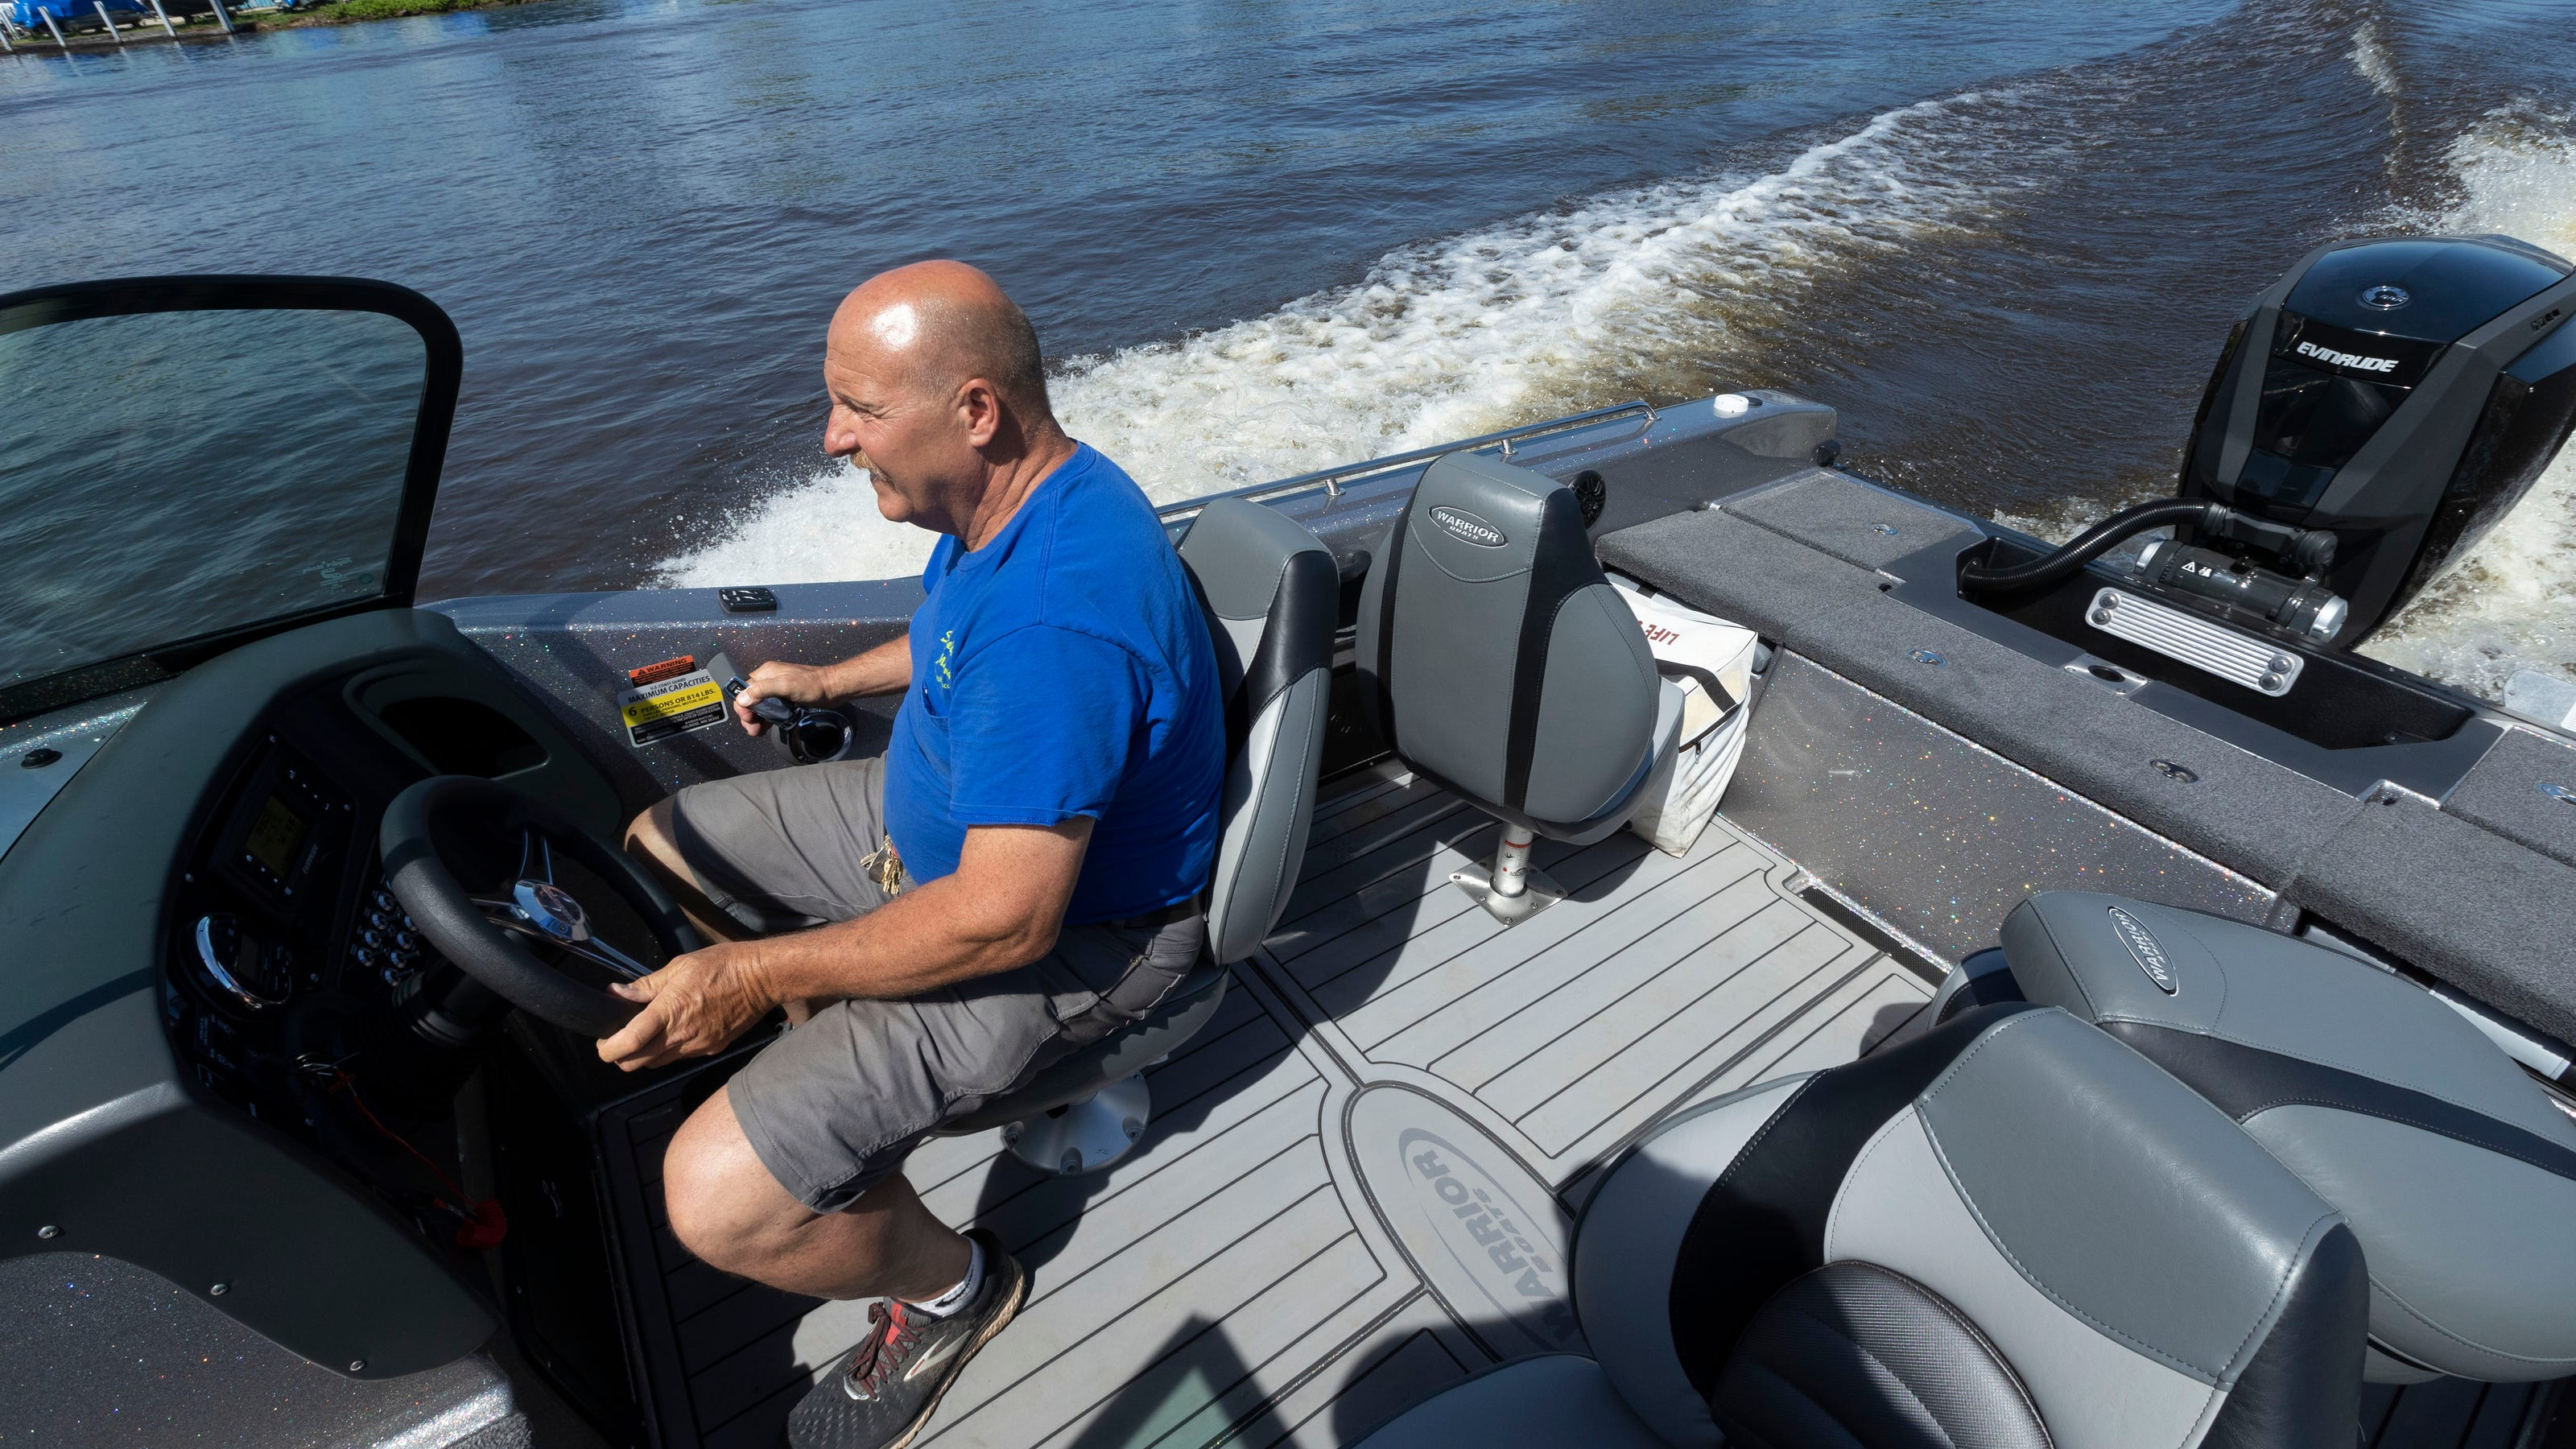 Evinrude Outboard Motors Demise Shocked Saddened Boaters And Dealerships